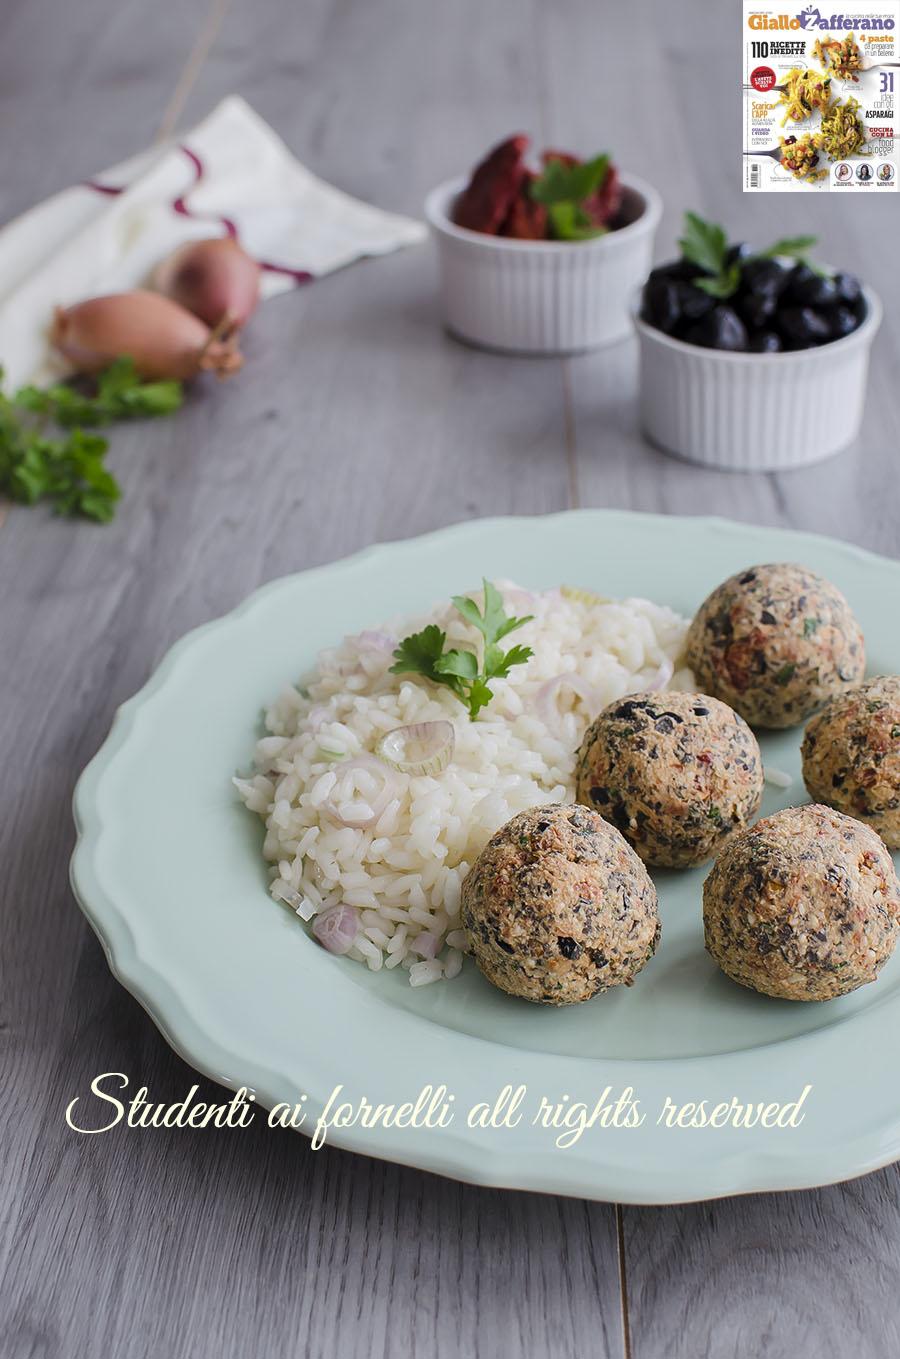 ricetta rivista giallozafferano polpette fredde alla greca feta pomodori secchi olive senza cottura ricetta antipasto facile